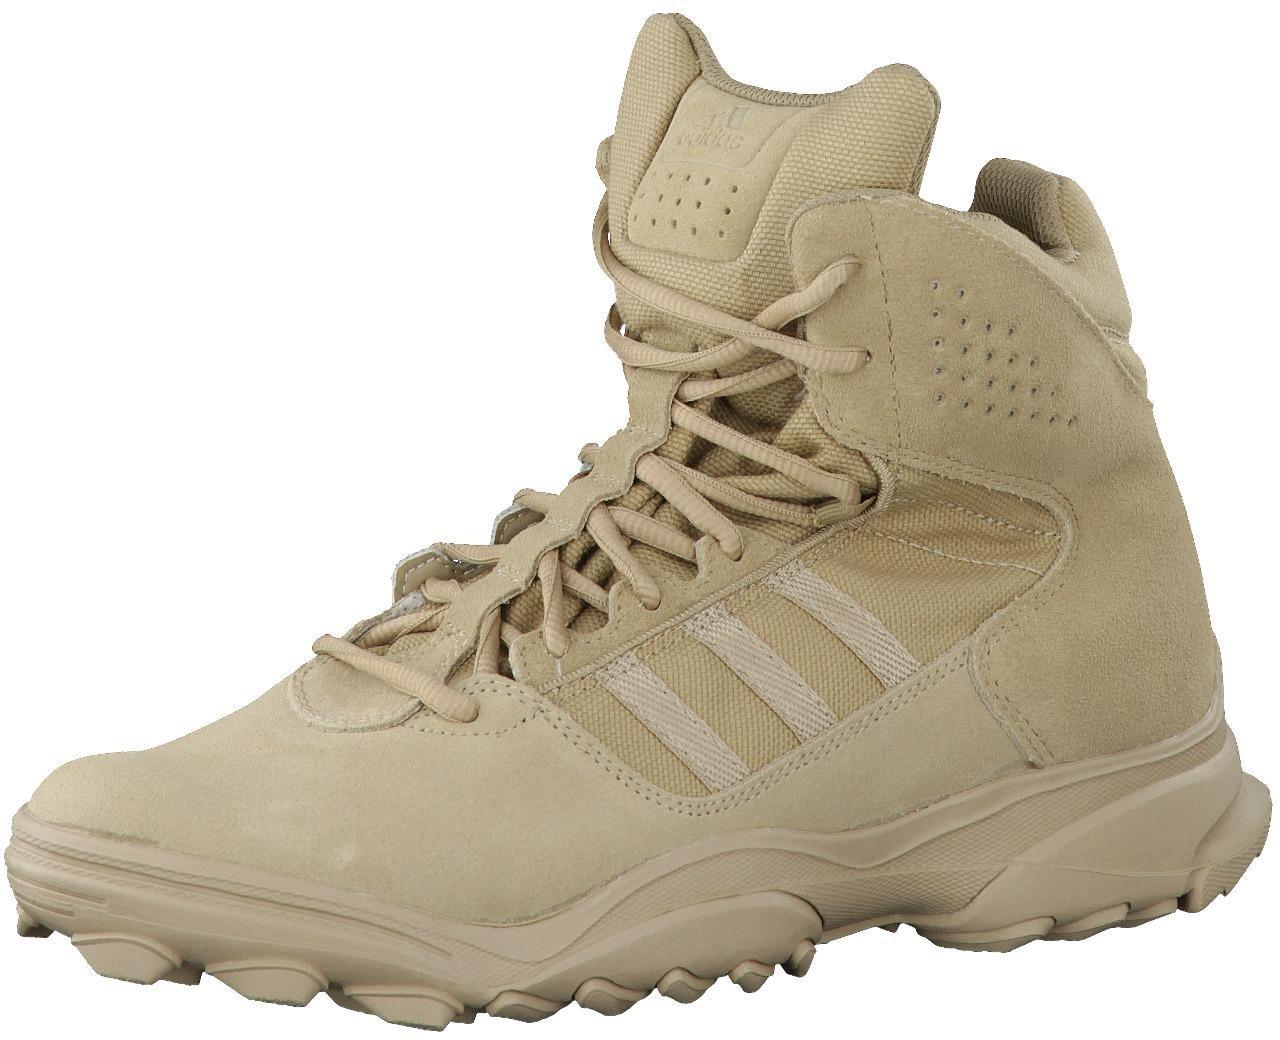 Adidas GSG 9.3 Stiefel